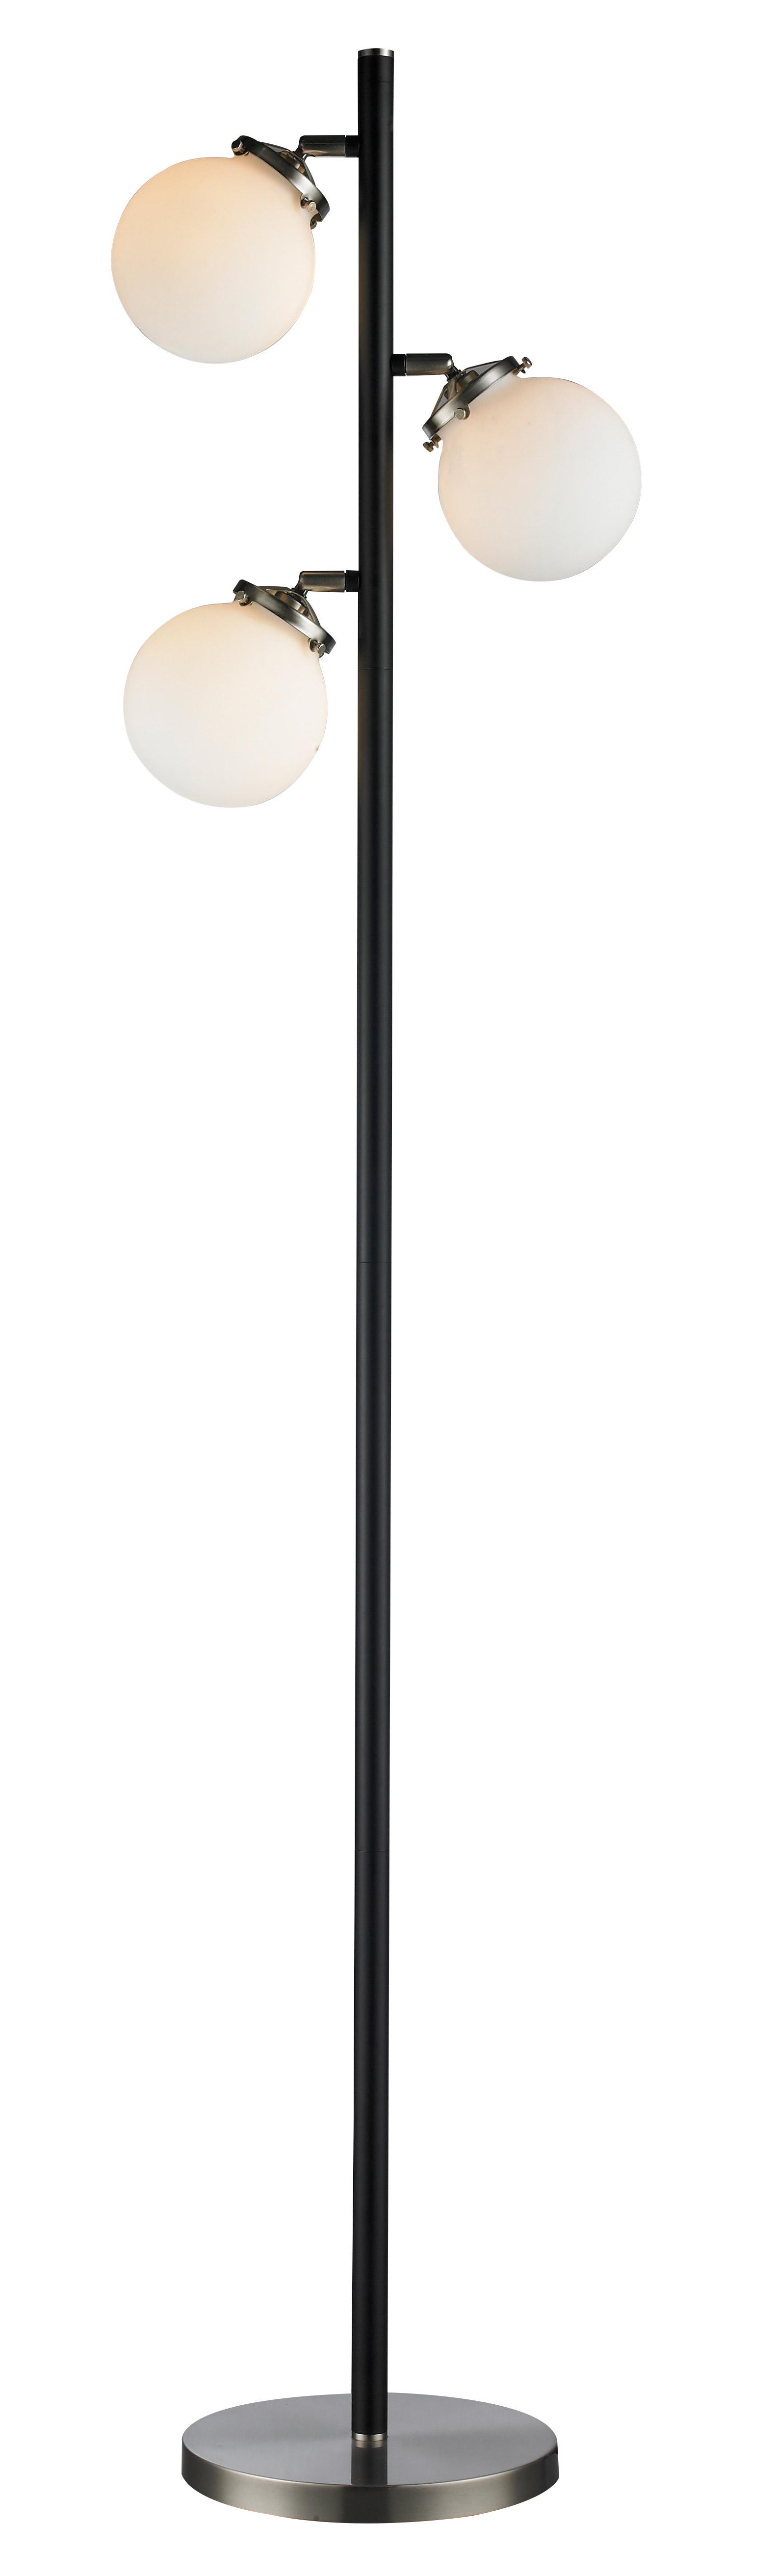 Floor Lamp Transitional Signature M & M 3592-89